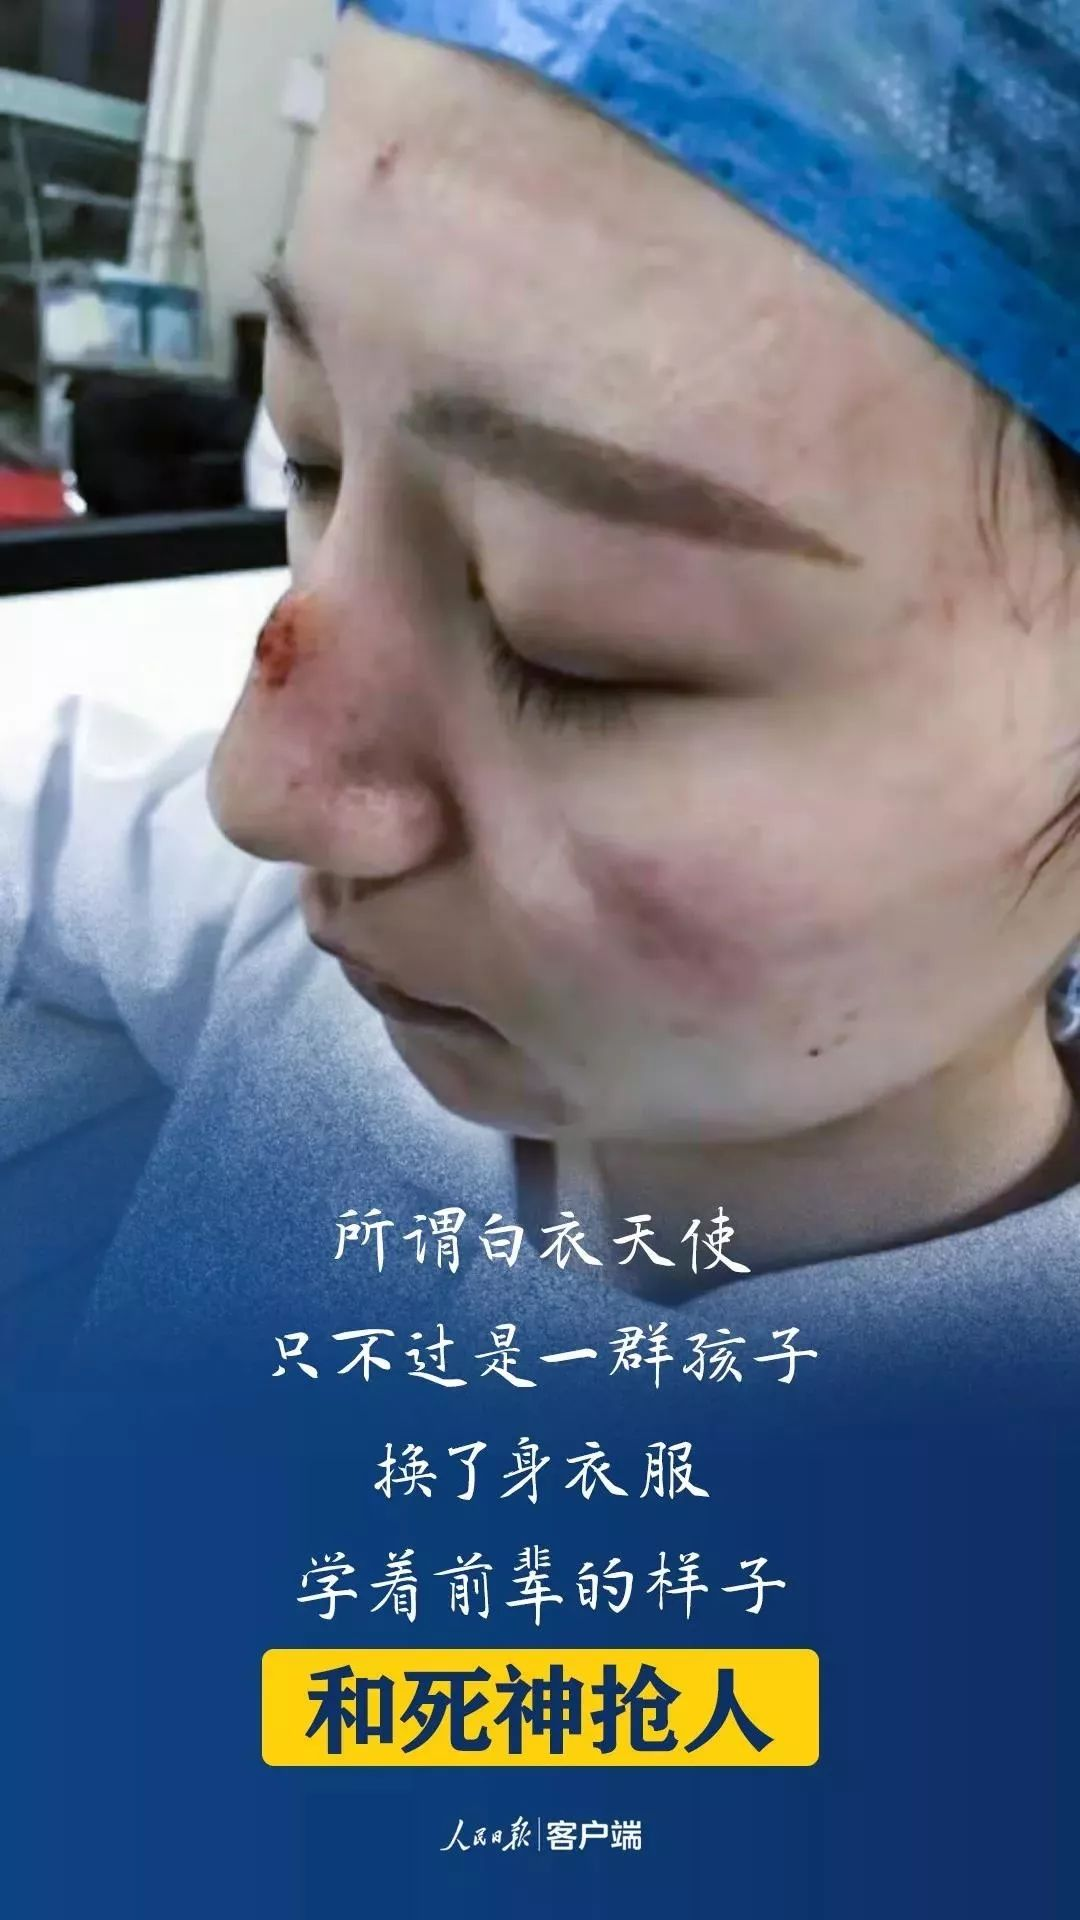 看完泪崩的20张女性照片 驰援武汉,请缨战疫,谢谢你姑娘 今日女报